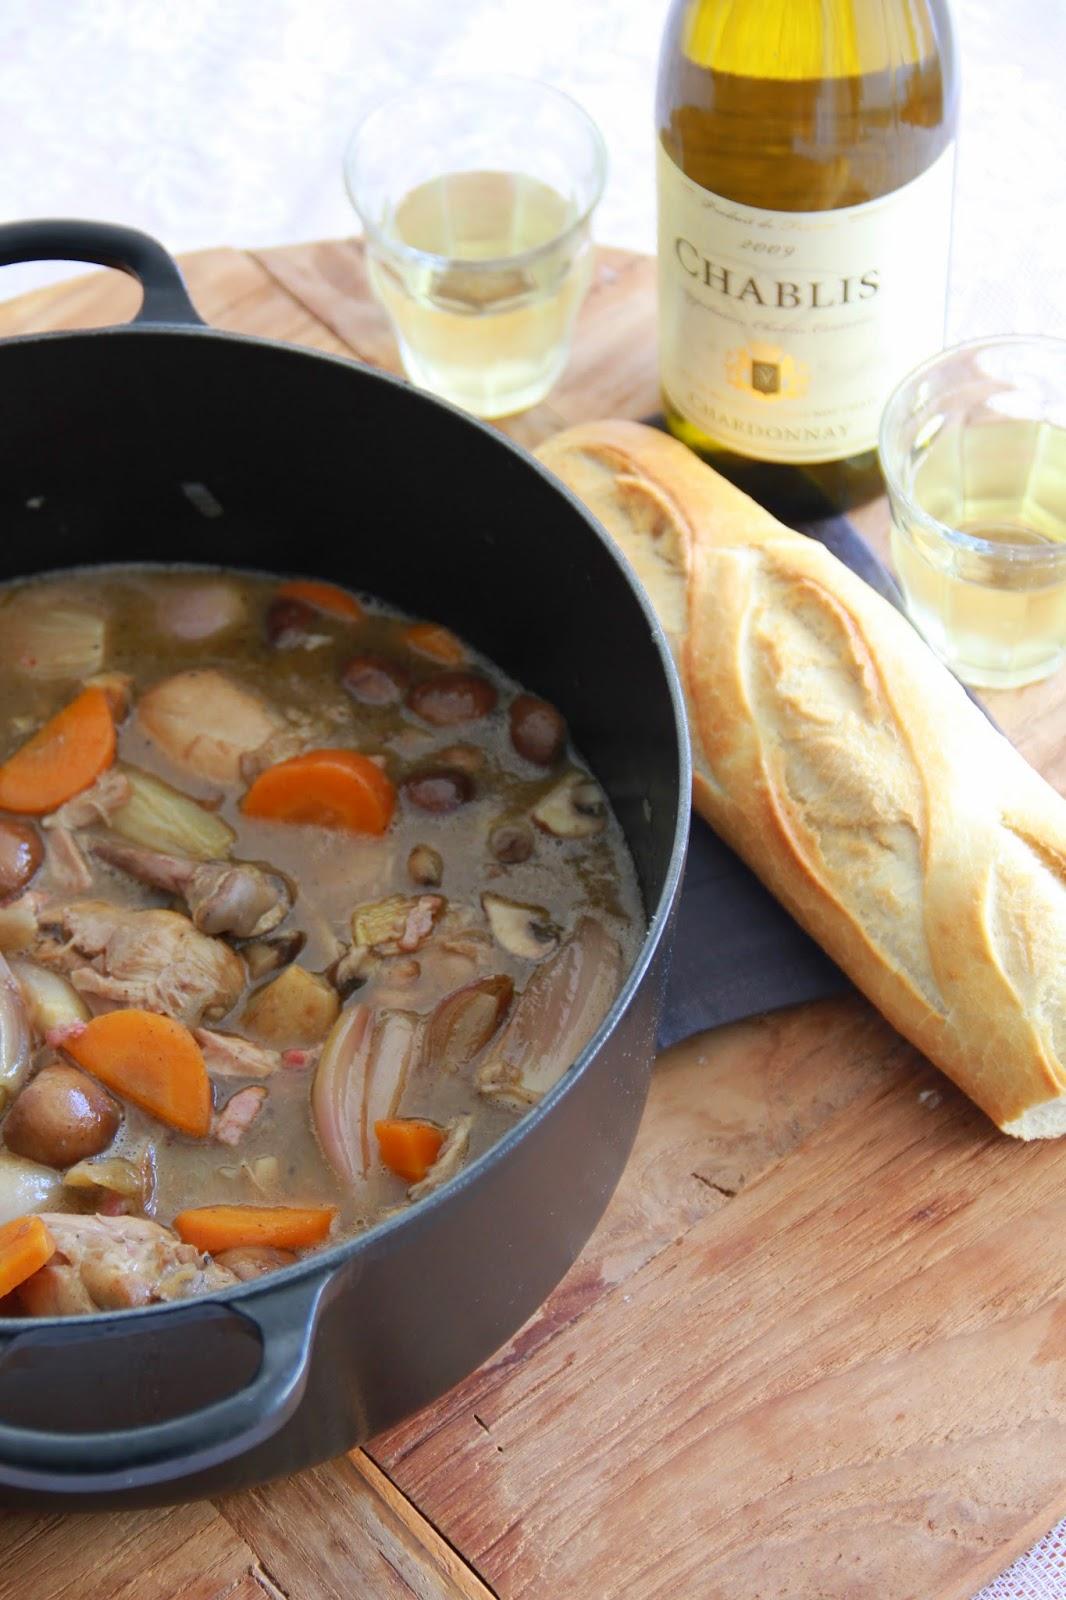 Coq au vin blanc - www.desmaakvancecile.com